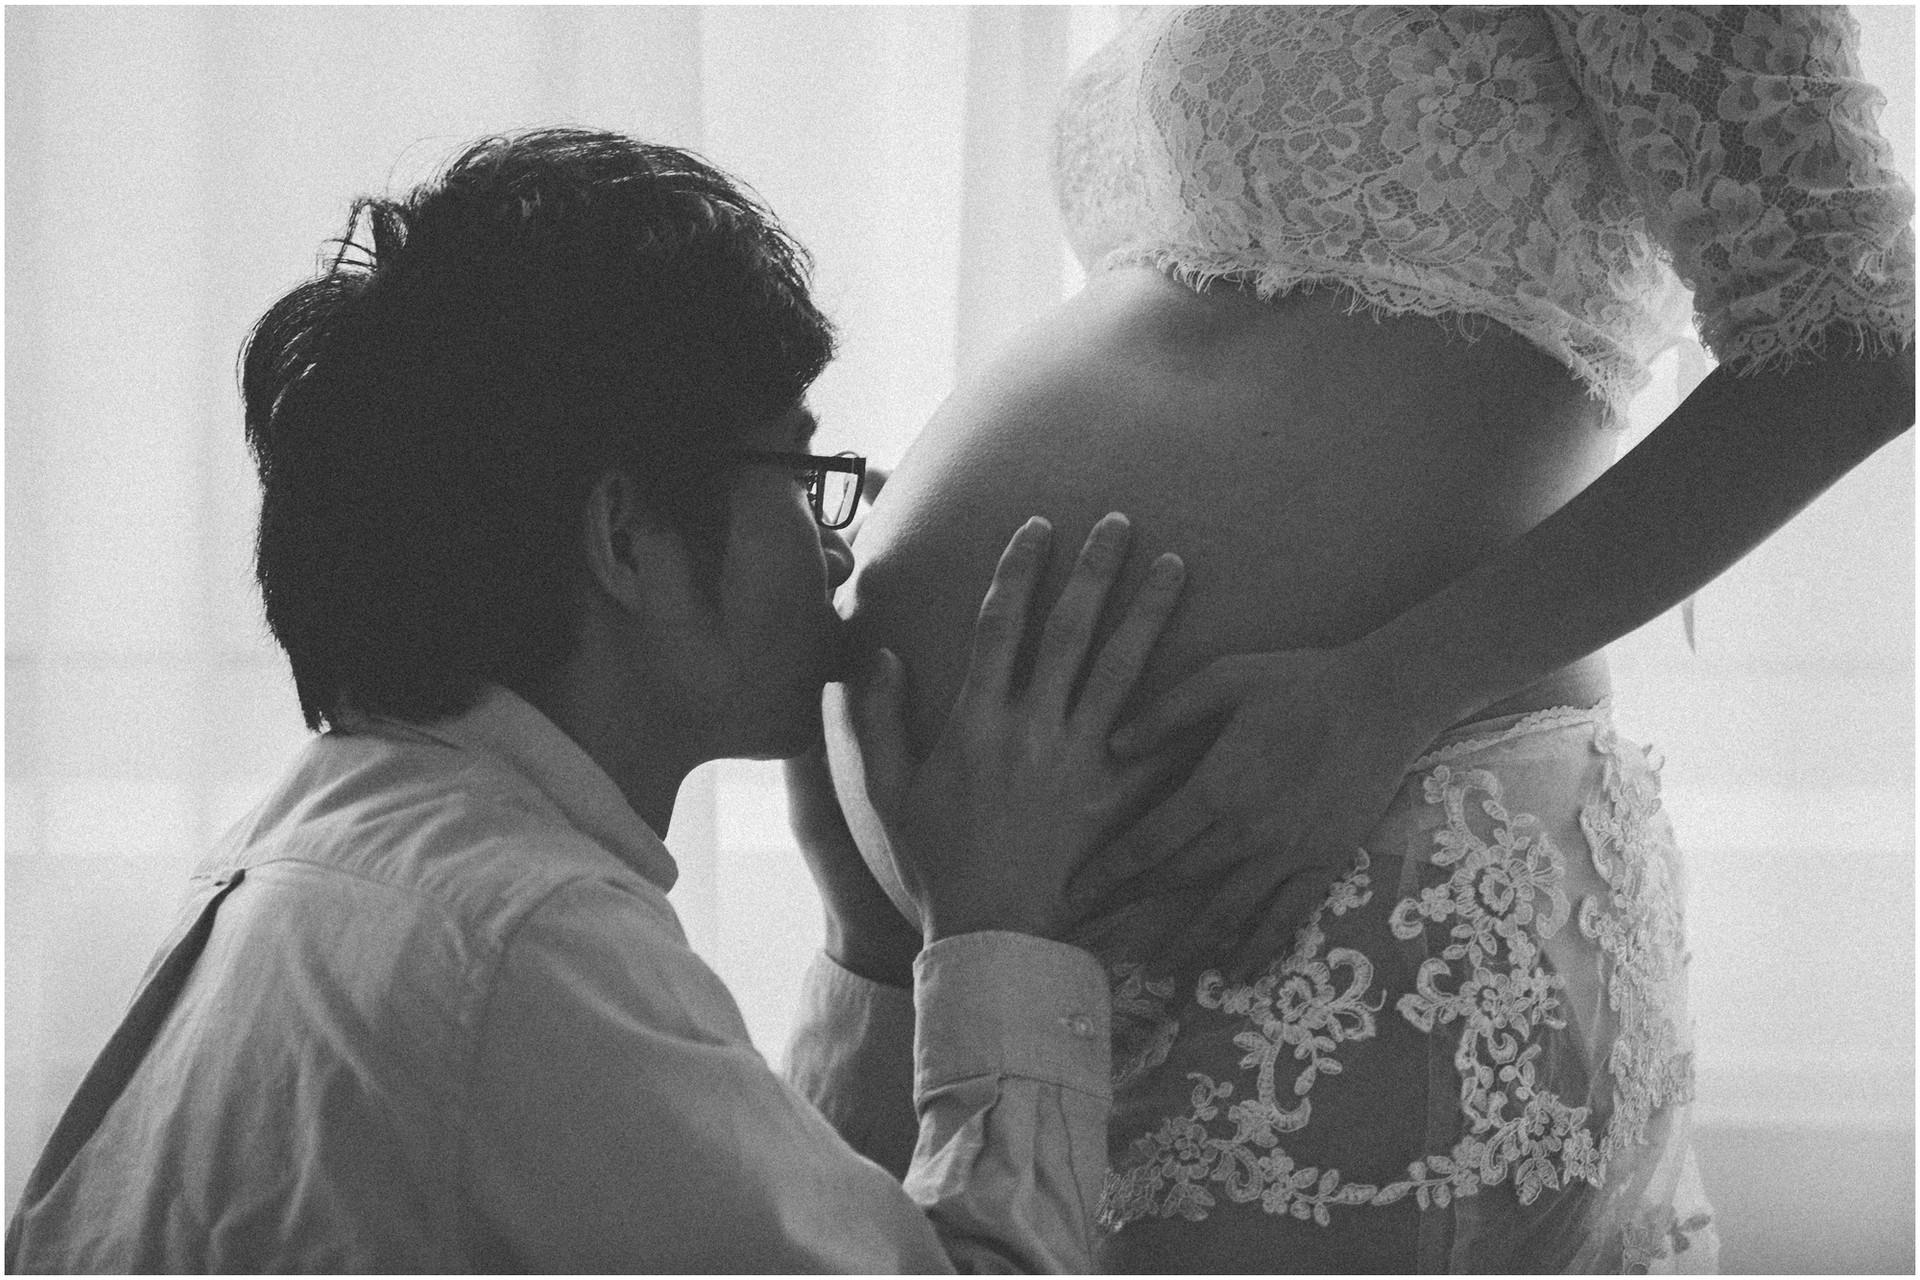 板橋孕期寫真 / 台北孕婦寫真 / 妊娠寫真 / 親子寫真 / 全家福 / 素人寫真